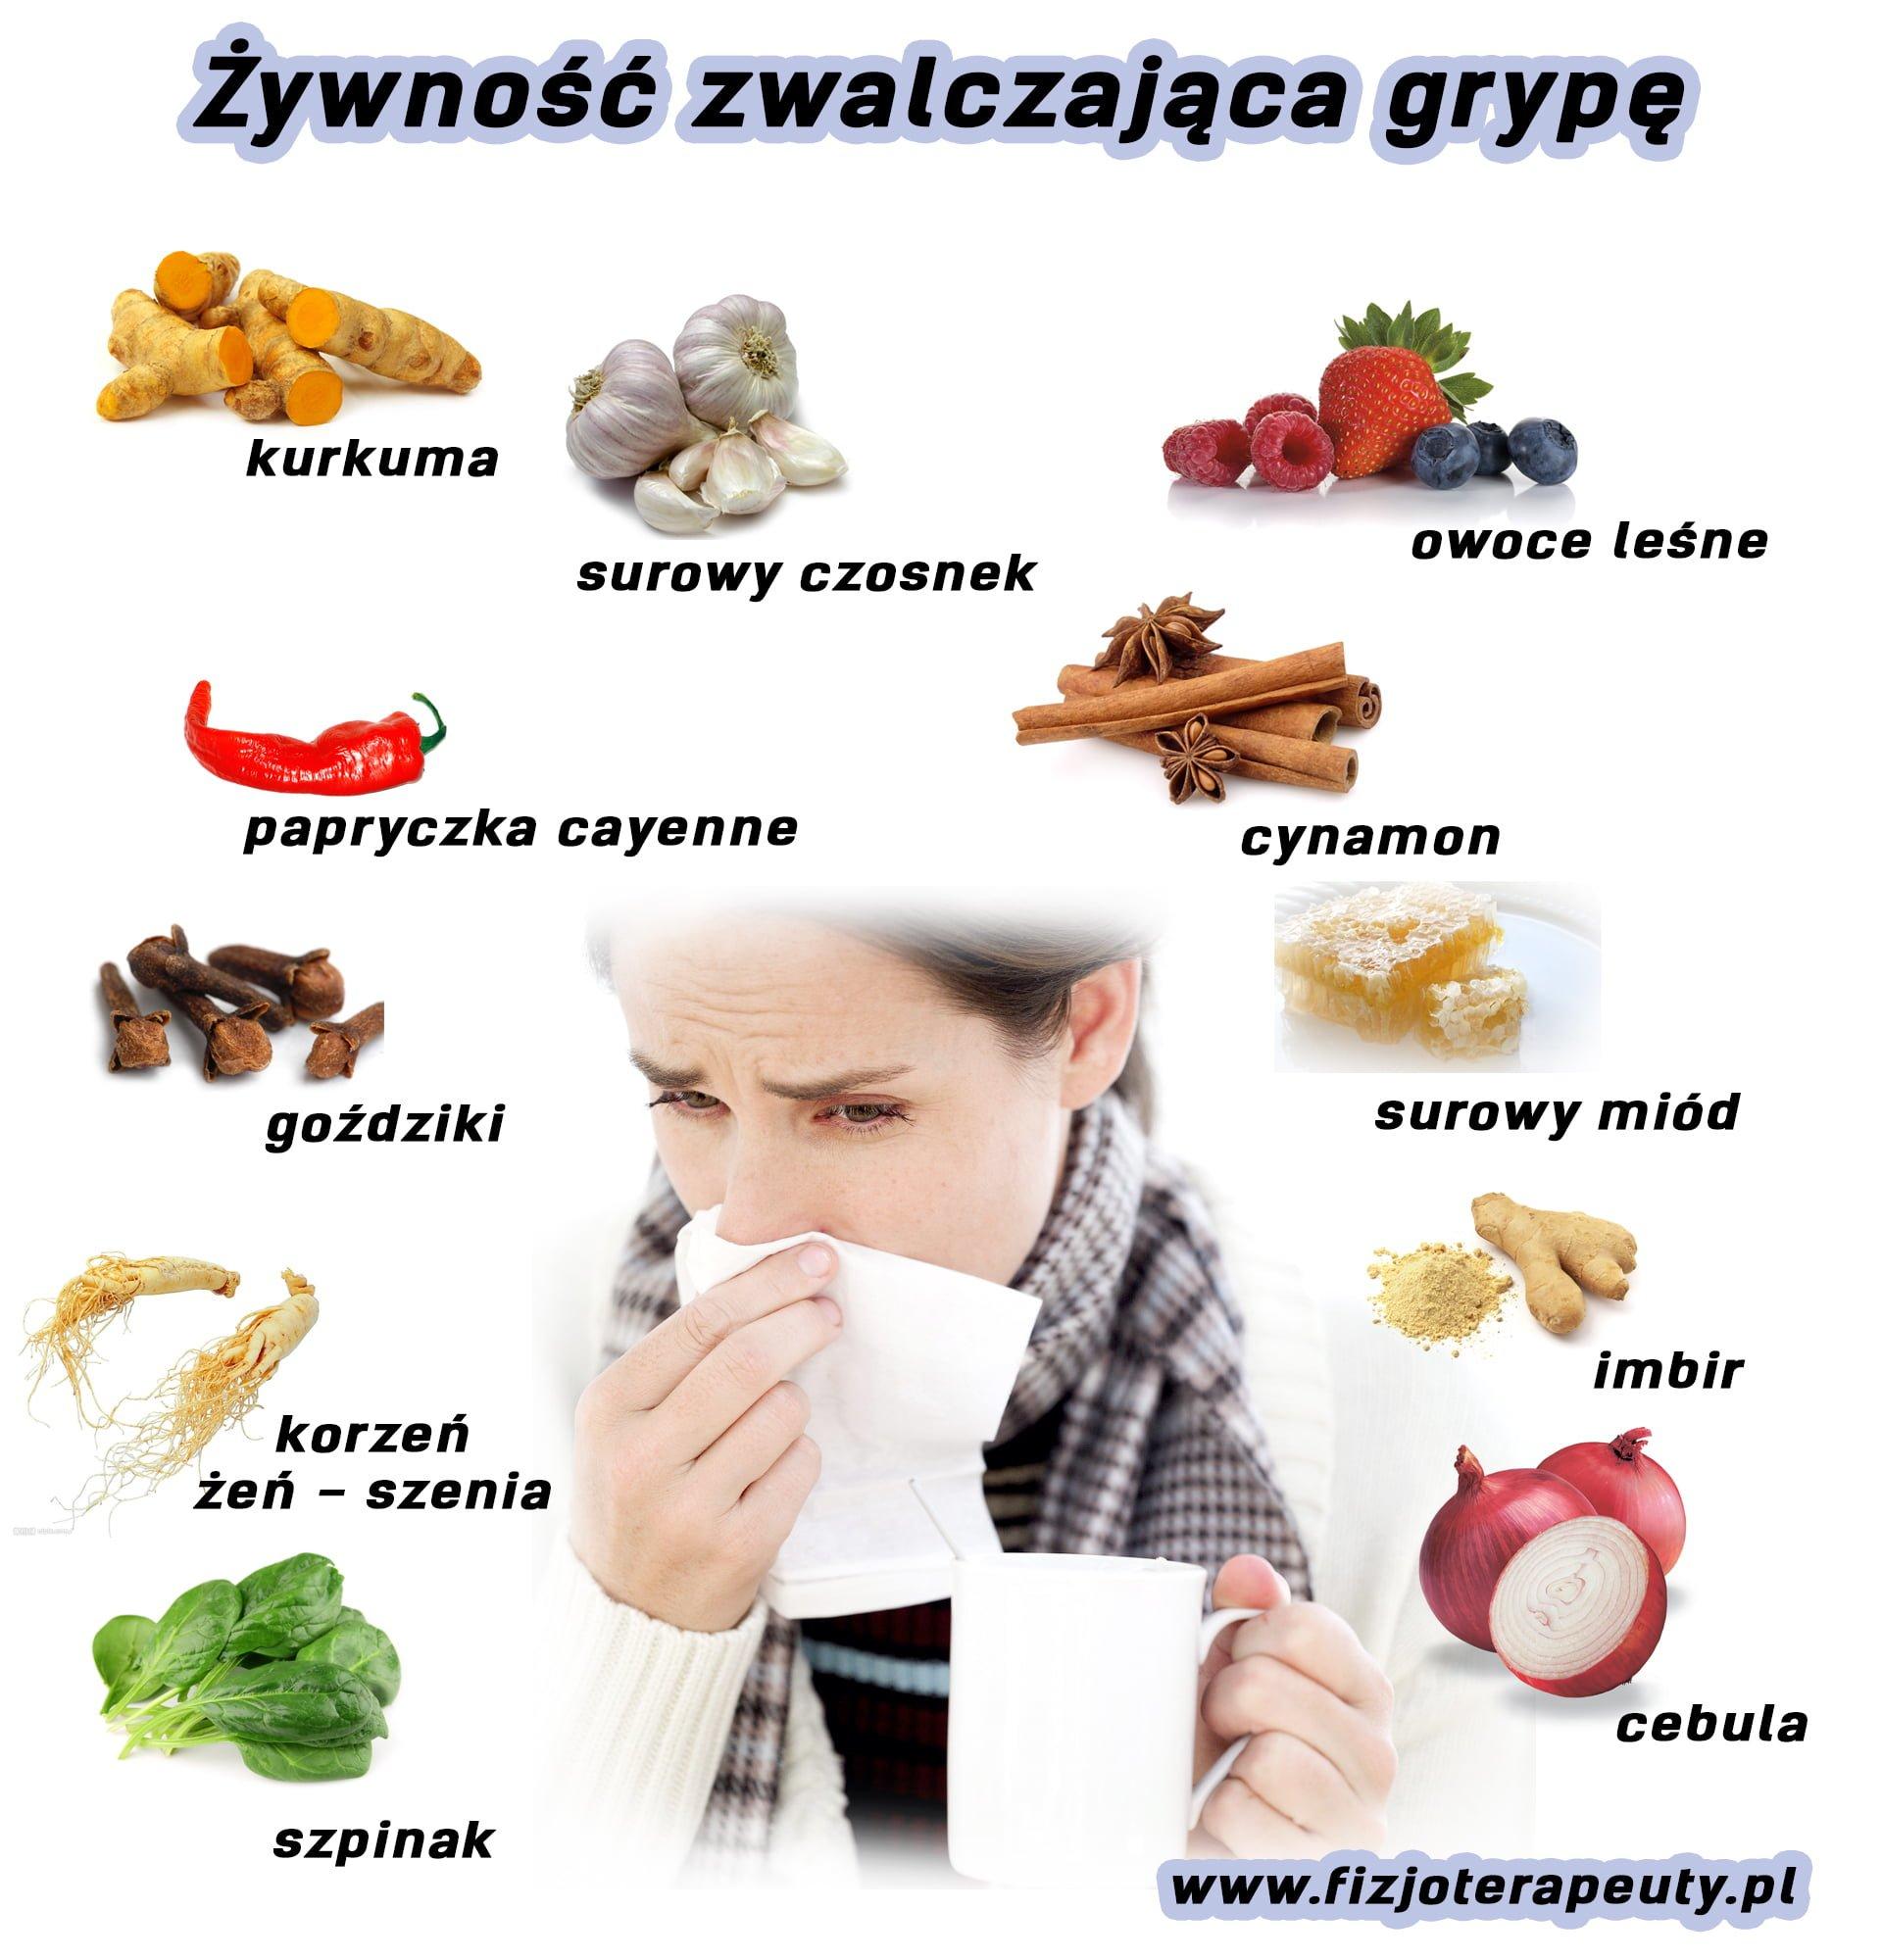 Żywność zwalczająca grypę